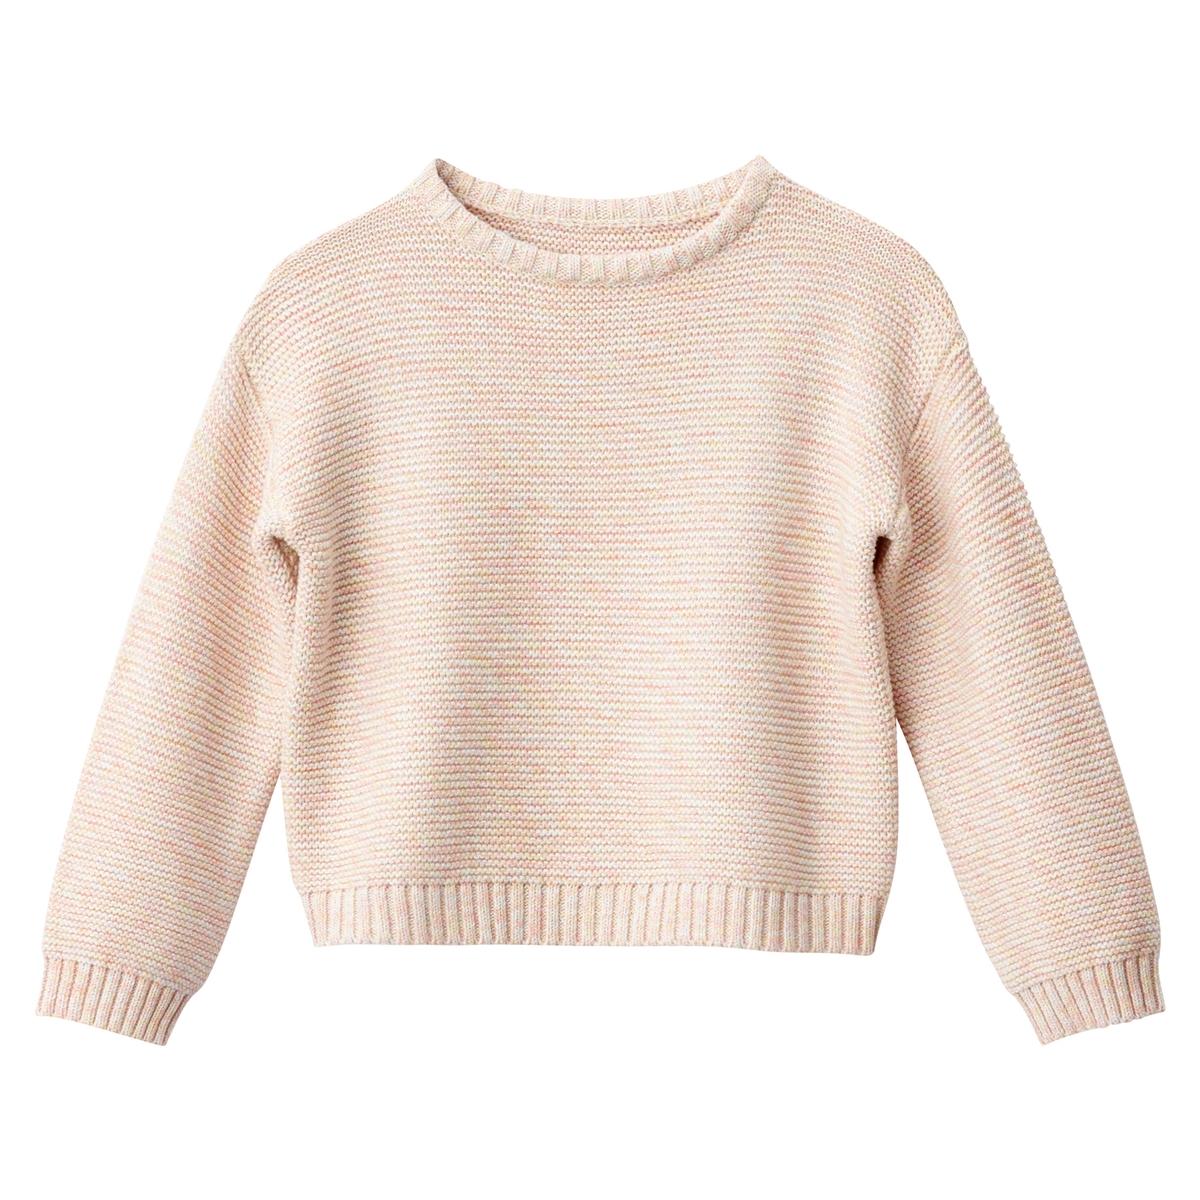 Pull scollo rotondo maglia mouliné da 3 a 12 anni